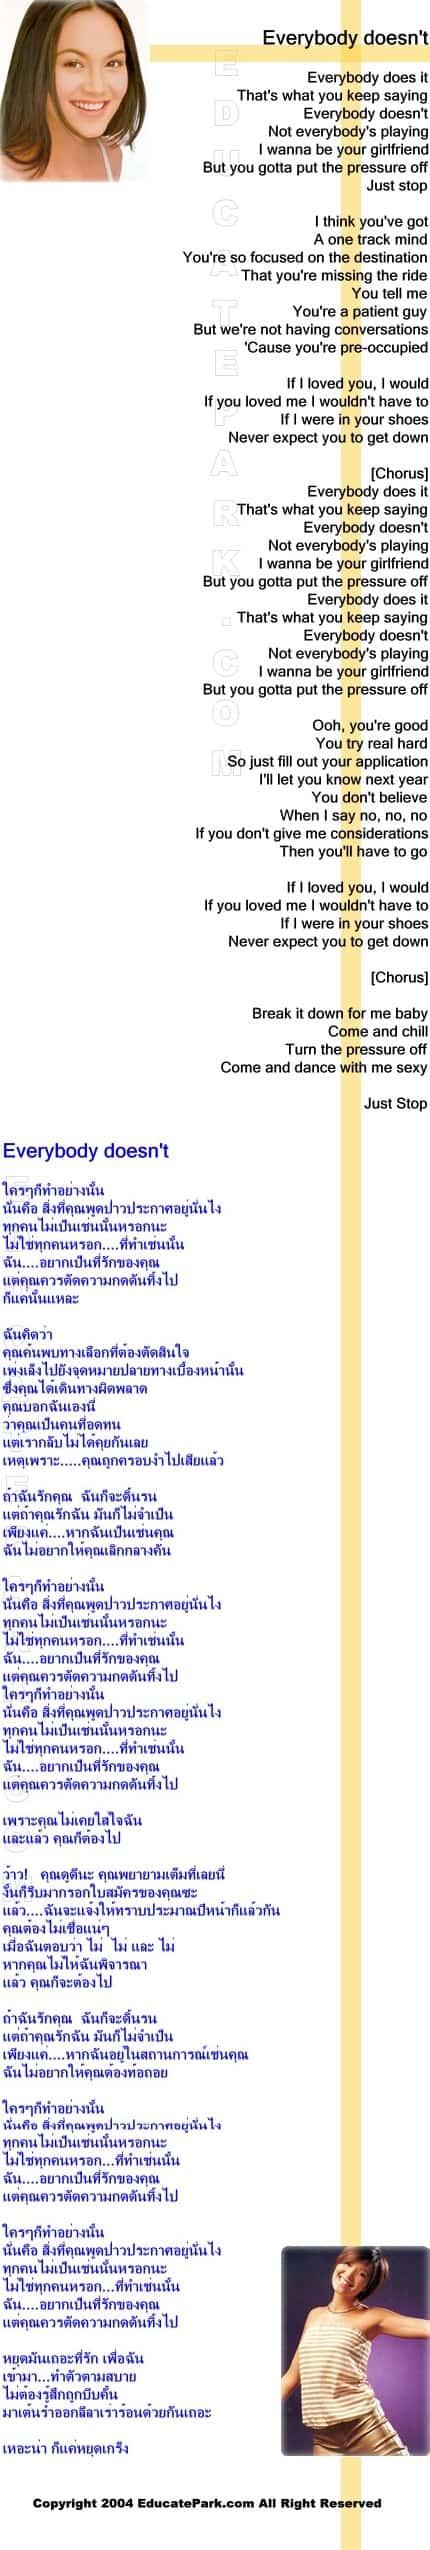 แปลเพลง Everbody doesn't - Tata Young